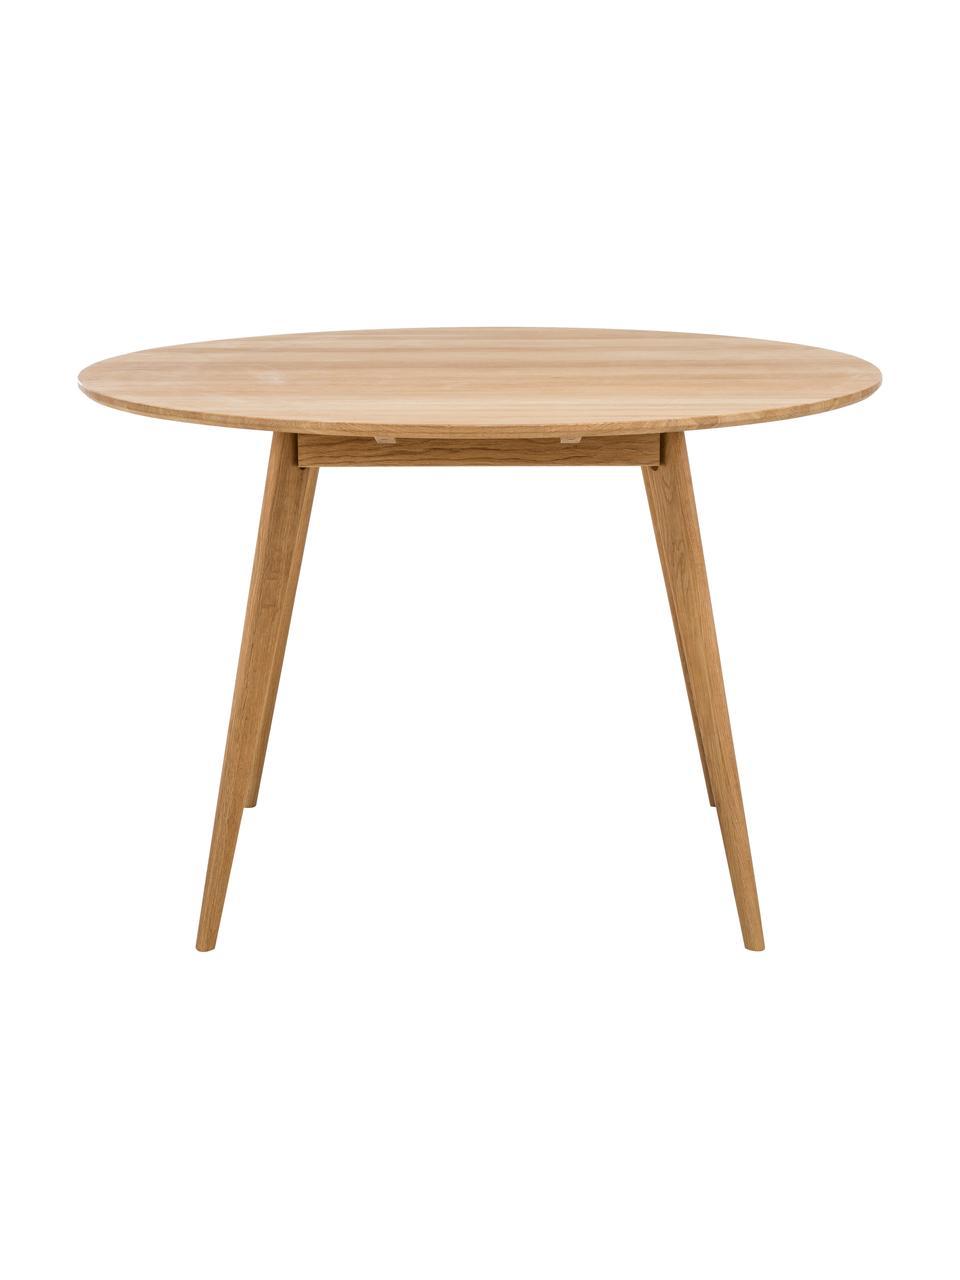 Tavolo rotondo in legno Yumi, Piano d'appoggio: pannello di fibra a media, Gambe: legno di quercia massello, Marrone, Ø 115 x Alt. 74 cm